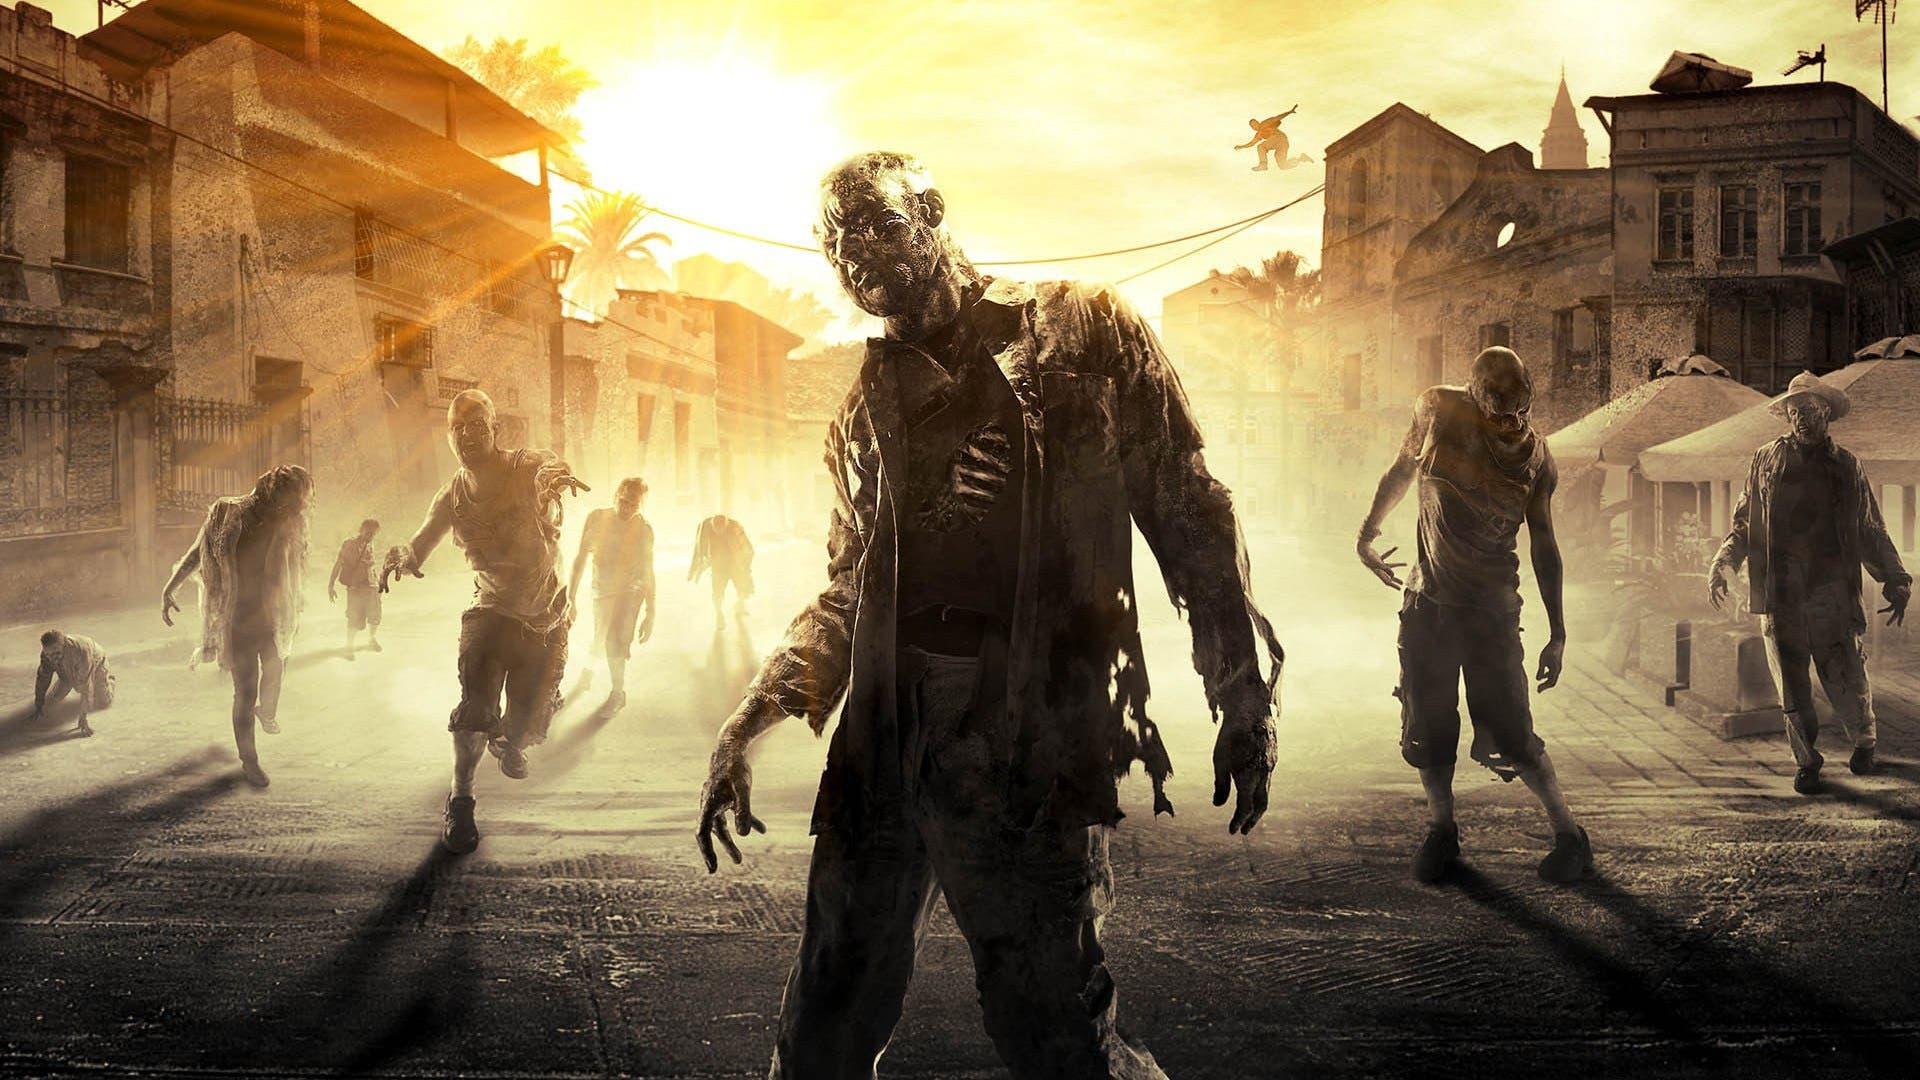 ¿Cuáles serán los nuevos juegos de Xbox Game Pass de febrero? Los fans opinan 2